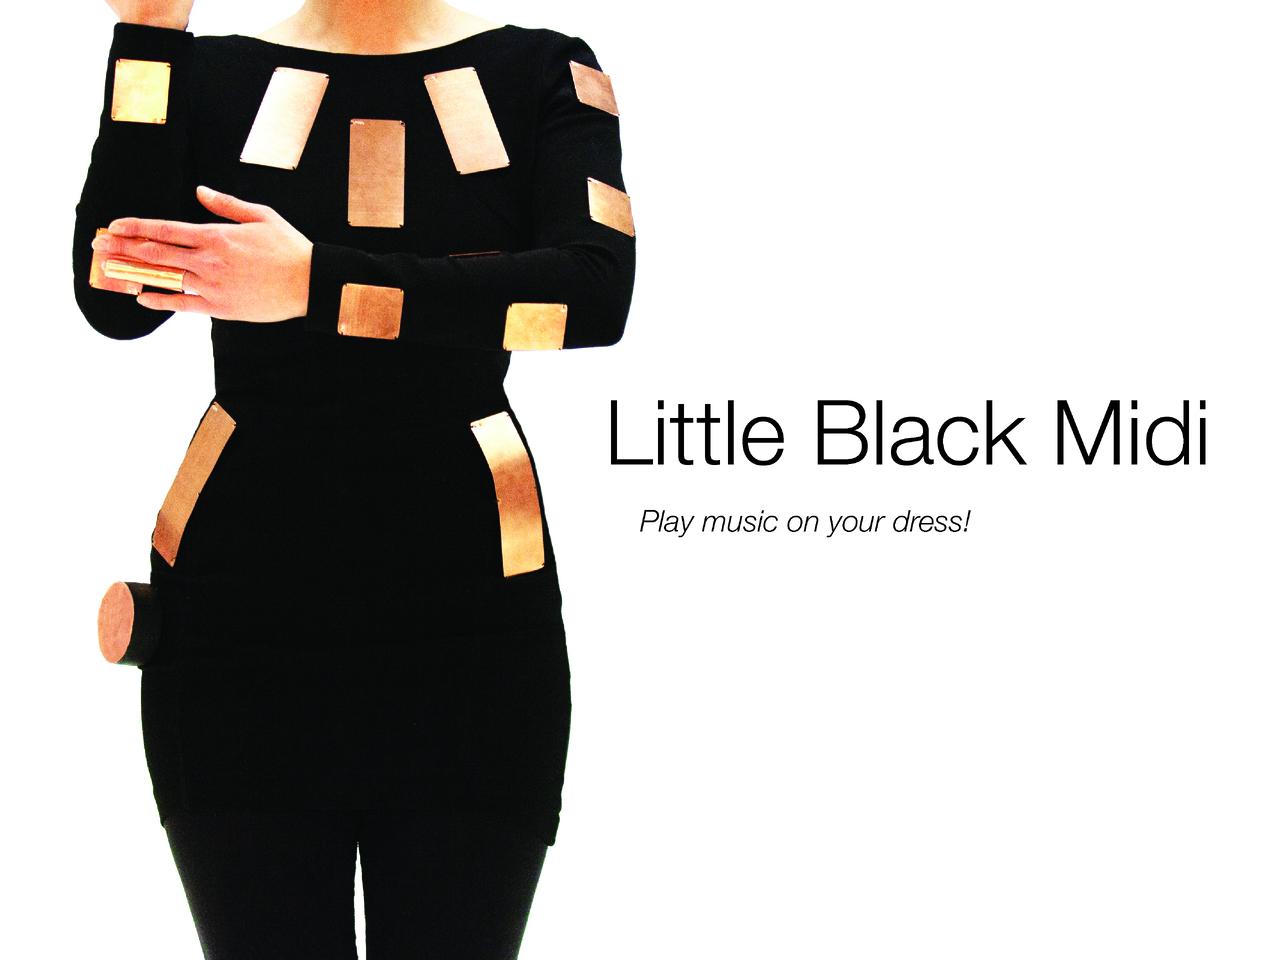 Little Black Midi